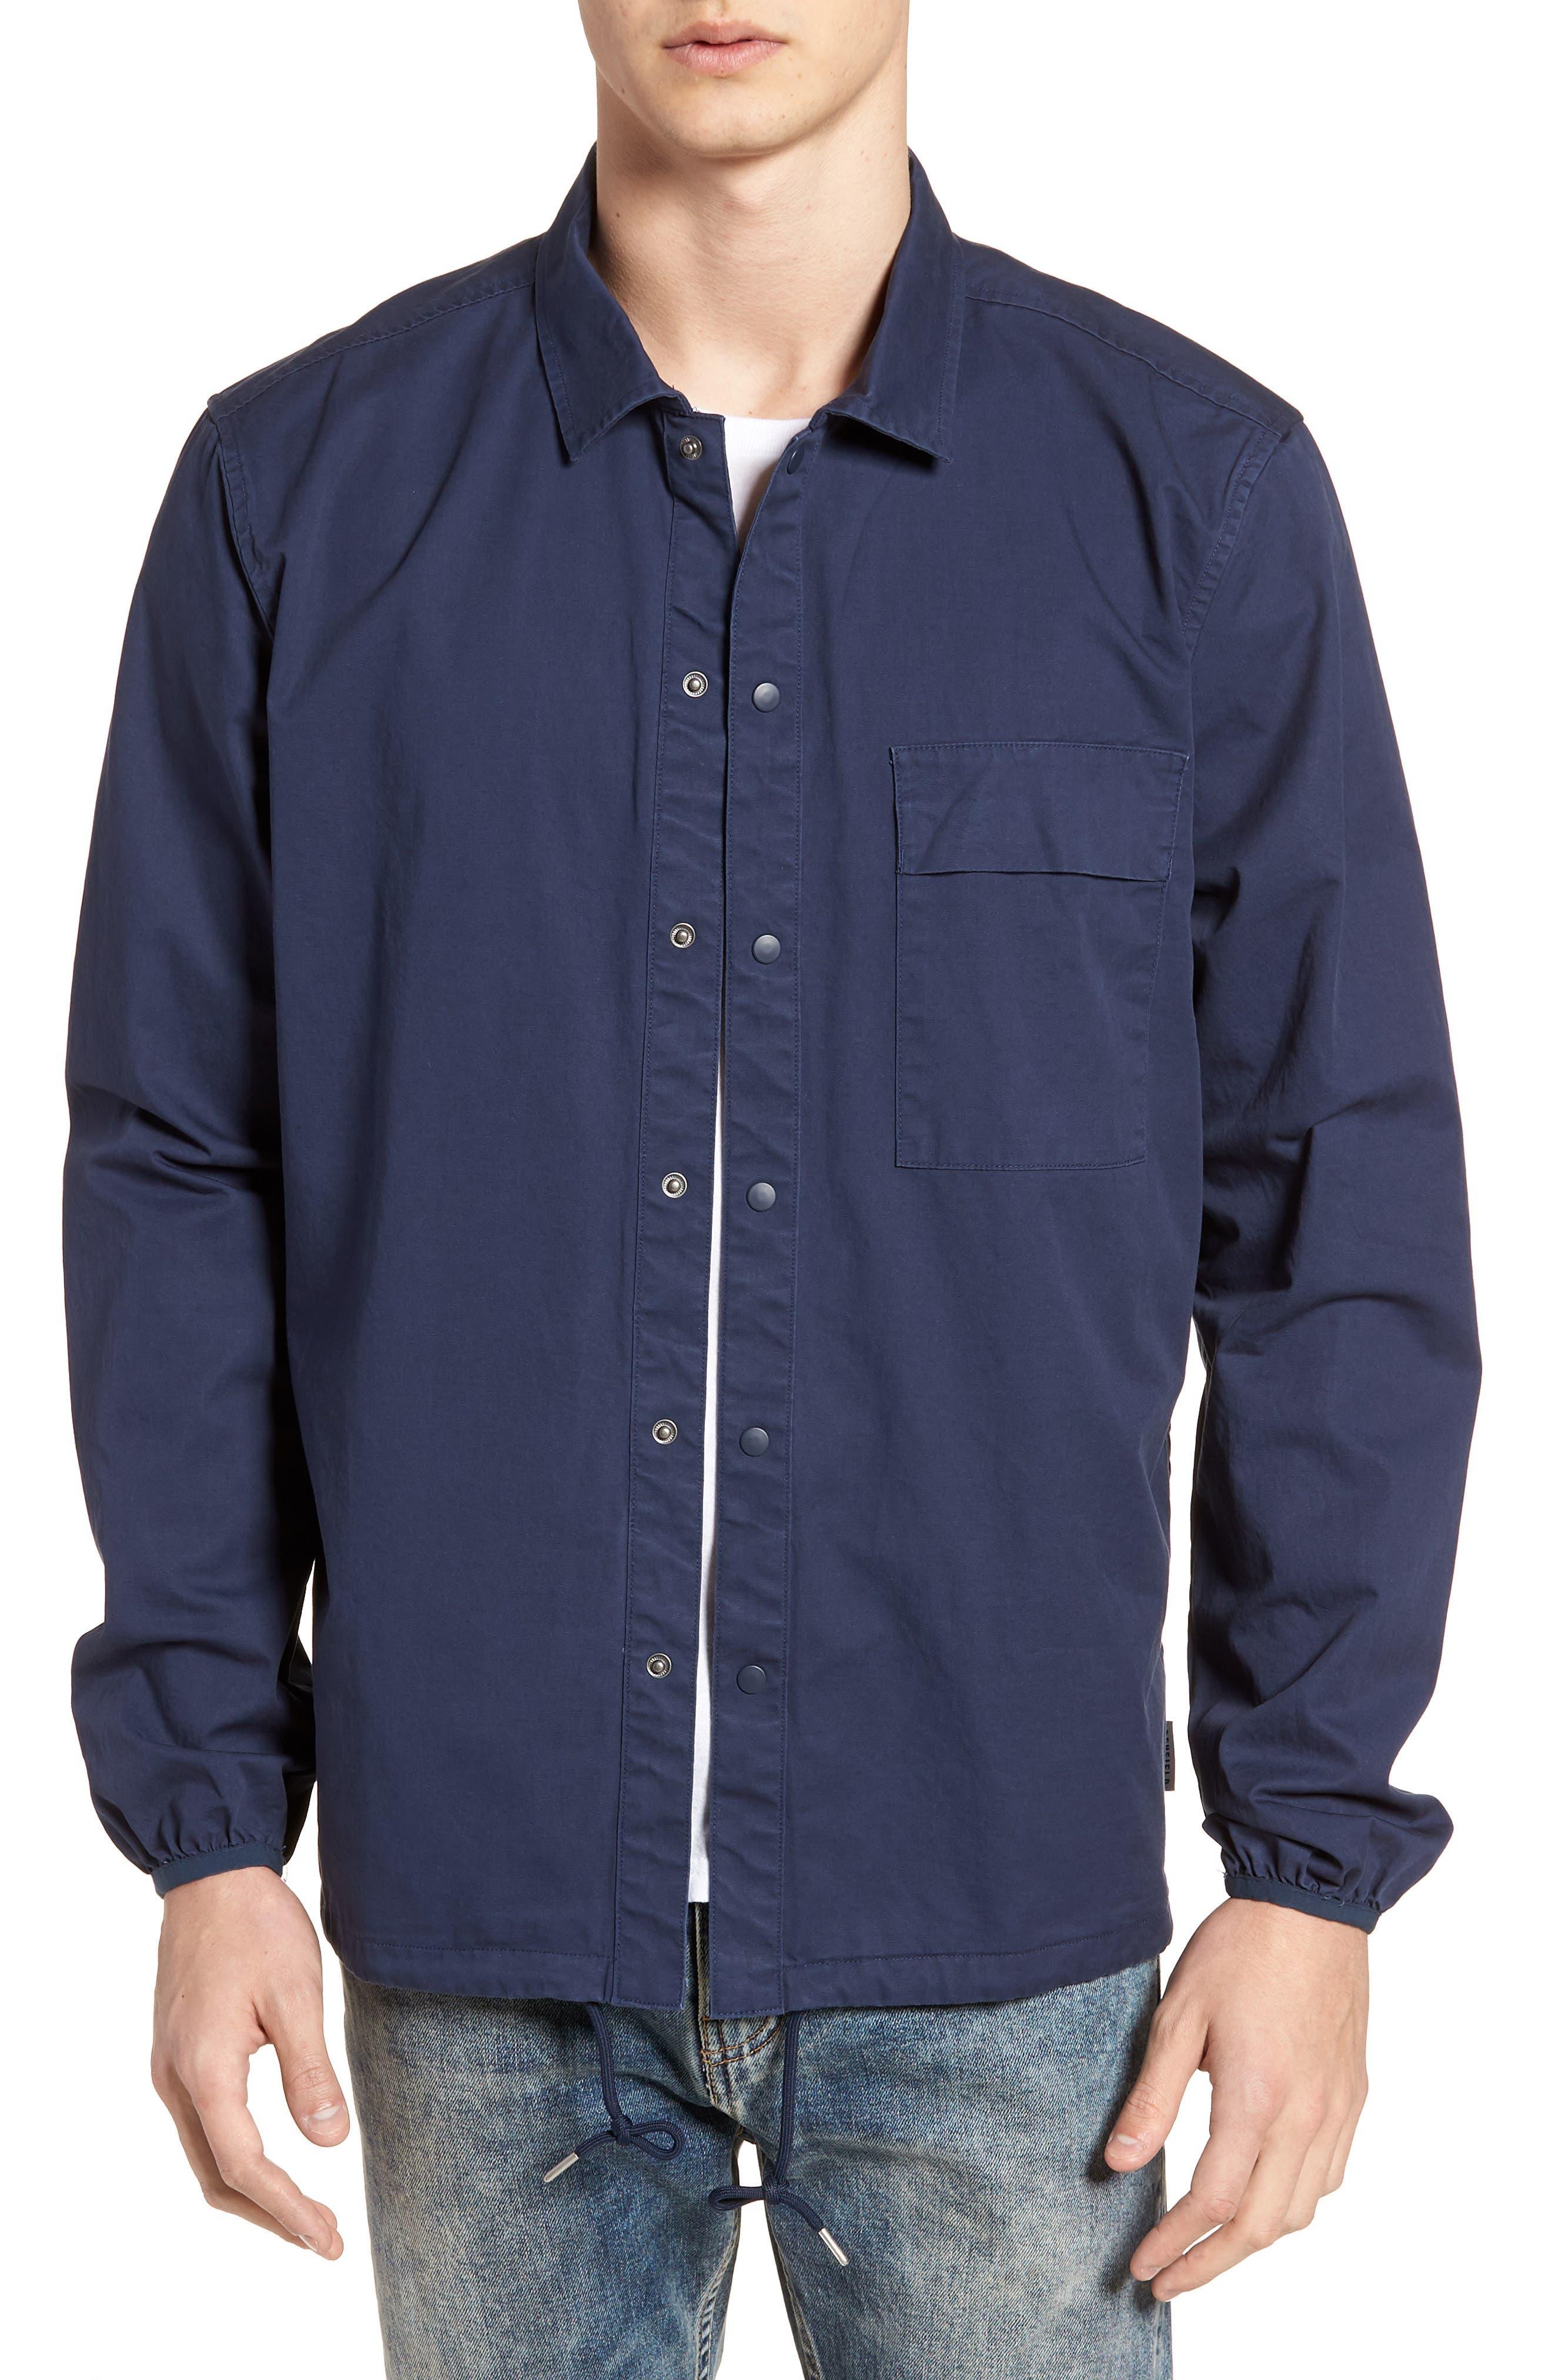 Blackstone Shirt Jacket,                             Main thumbnail 1, color,                             Navy